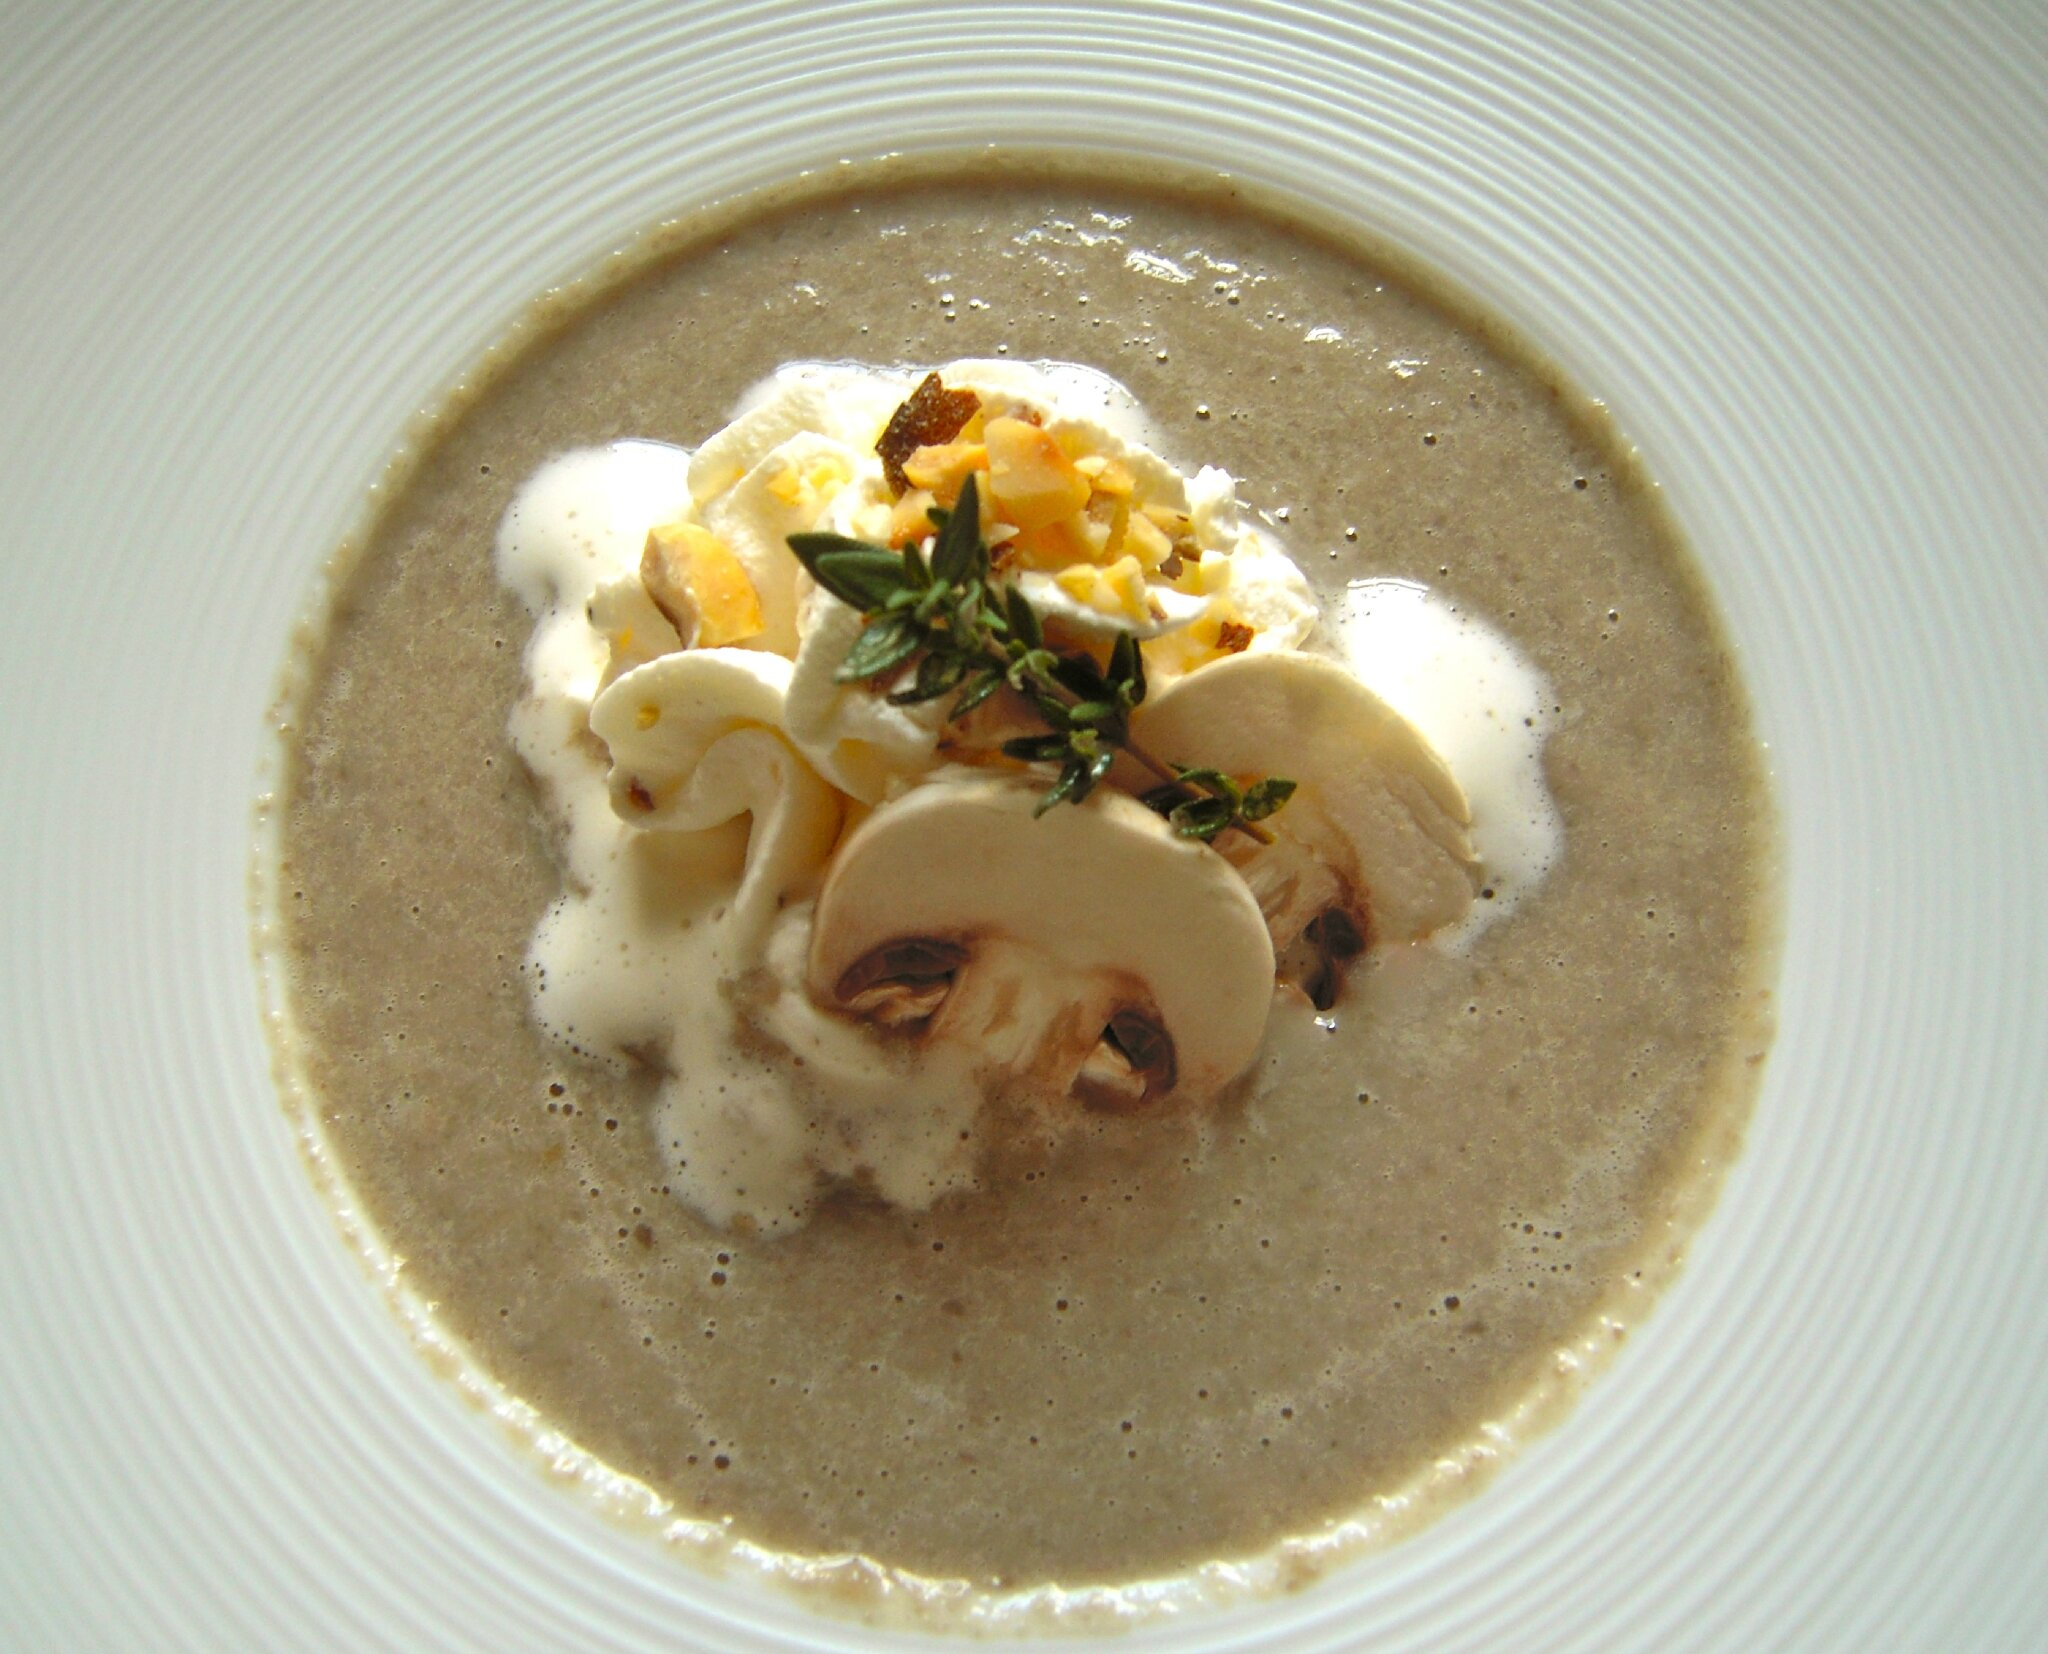 cappucino aux champignons et chantilly aux noisettes